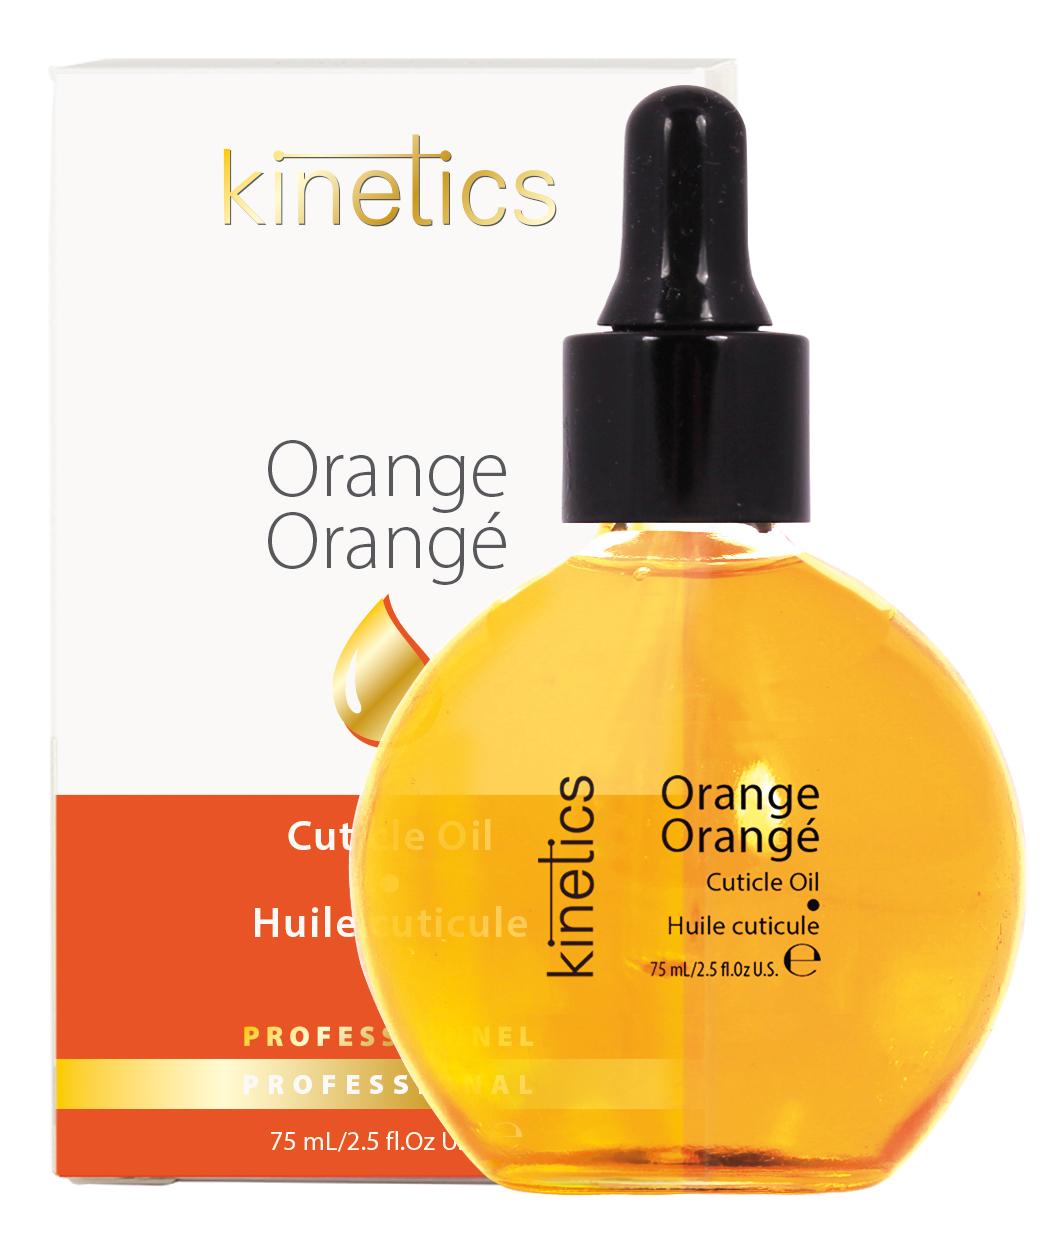 KINETICS Масло Orange (в коробке) (с пипеткой) Апельсин 75 млДля кутикулы<br>Масло для кутикулы Kinetics теперь в профессиональном объеме - 75мл. Экономичная пипетка-дозатор регулирует расход масла и препятствует проникновение пыли в бутылочку.<br>